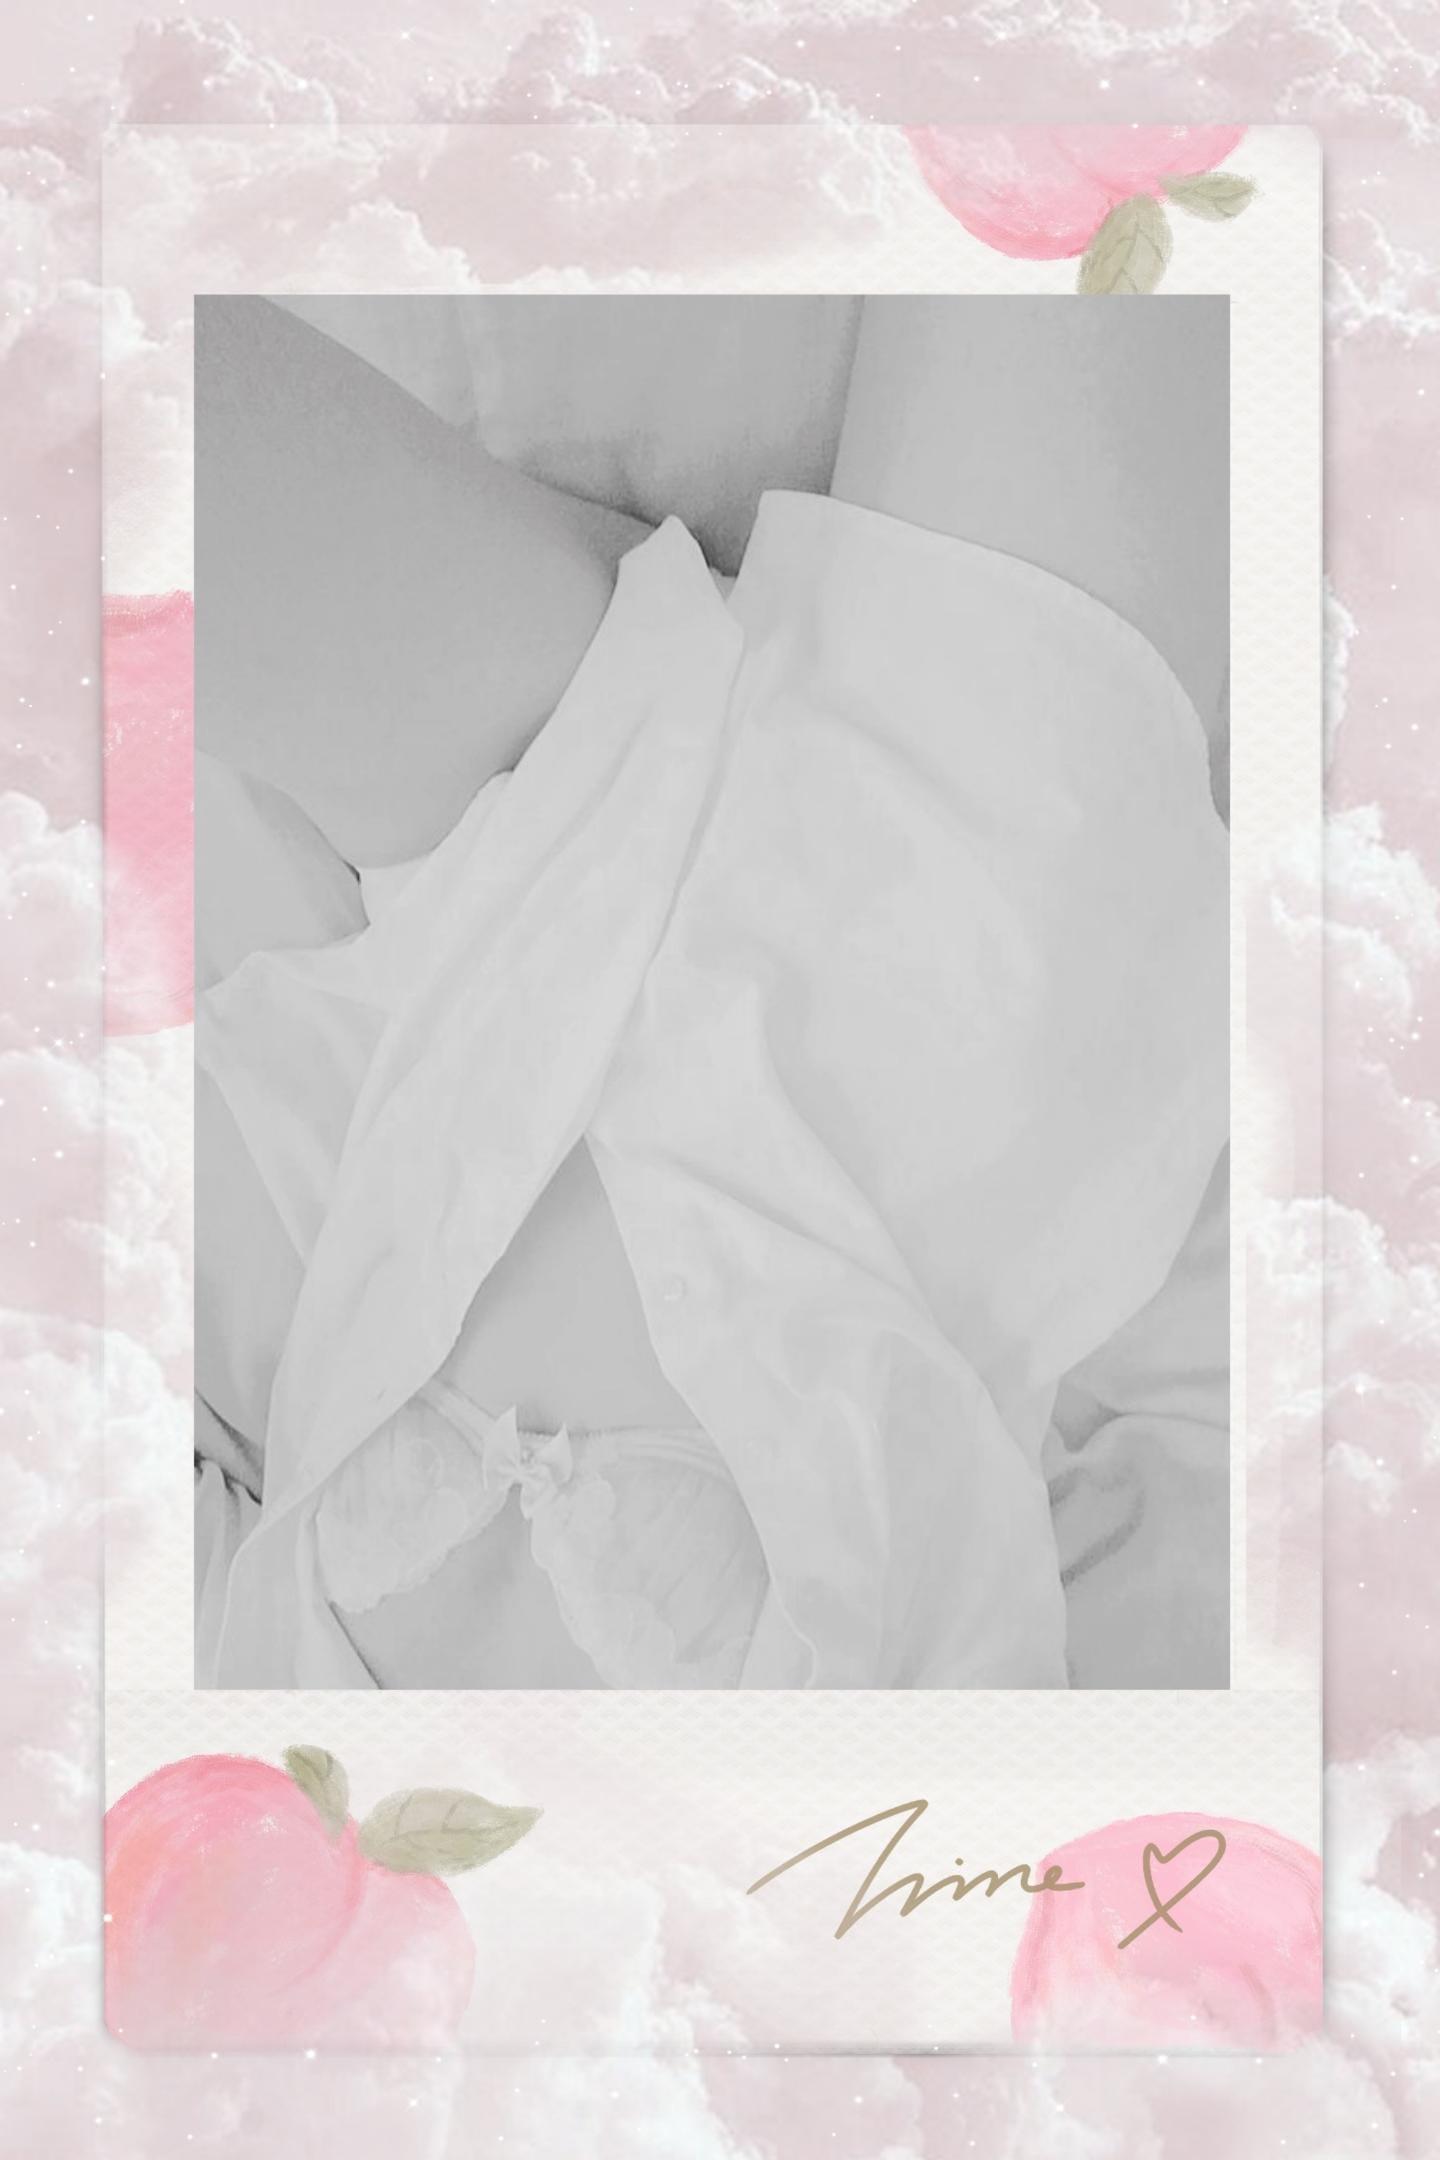 「☆参加してます☆」06/02(火) 10:44 | ゆうきの写メ・風俗動画